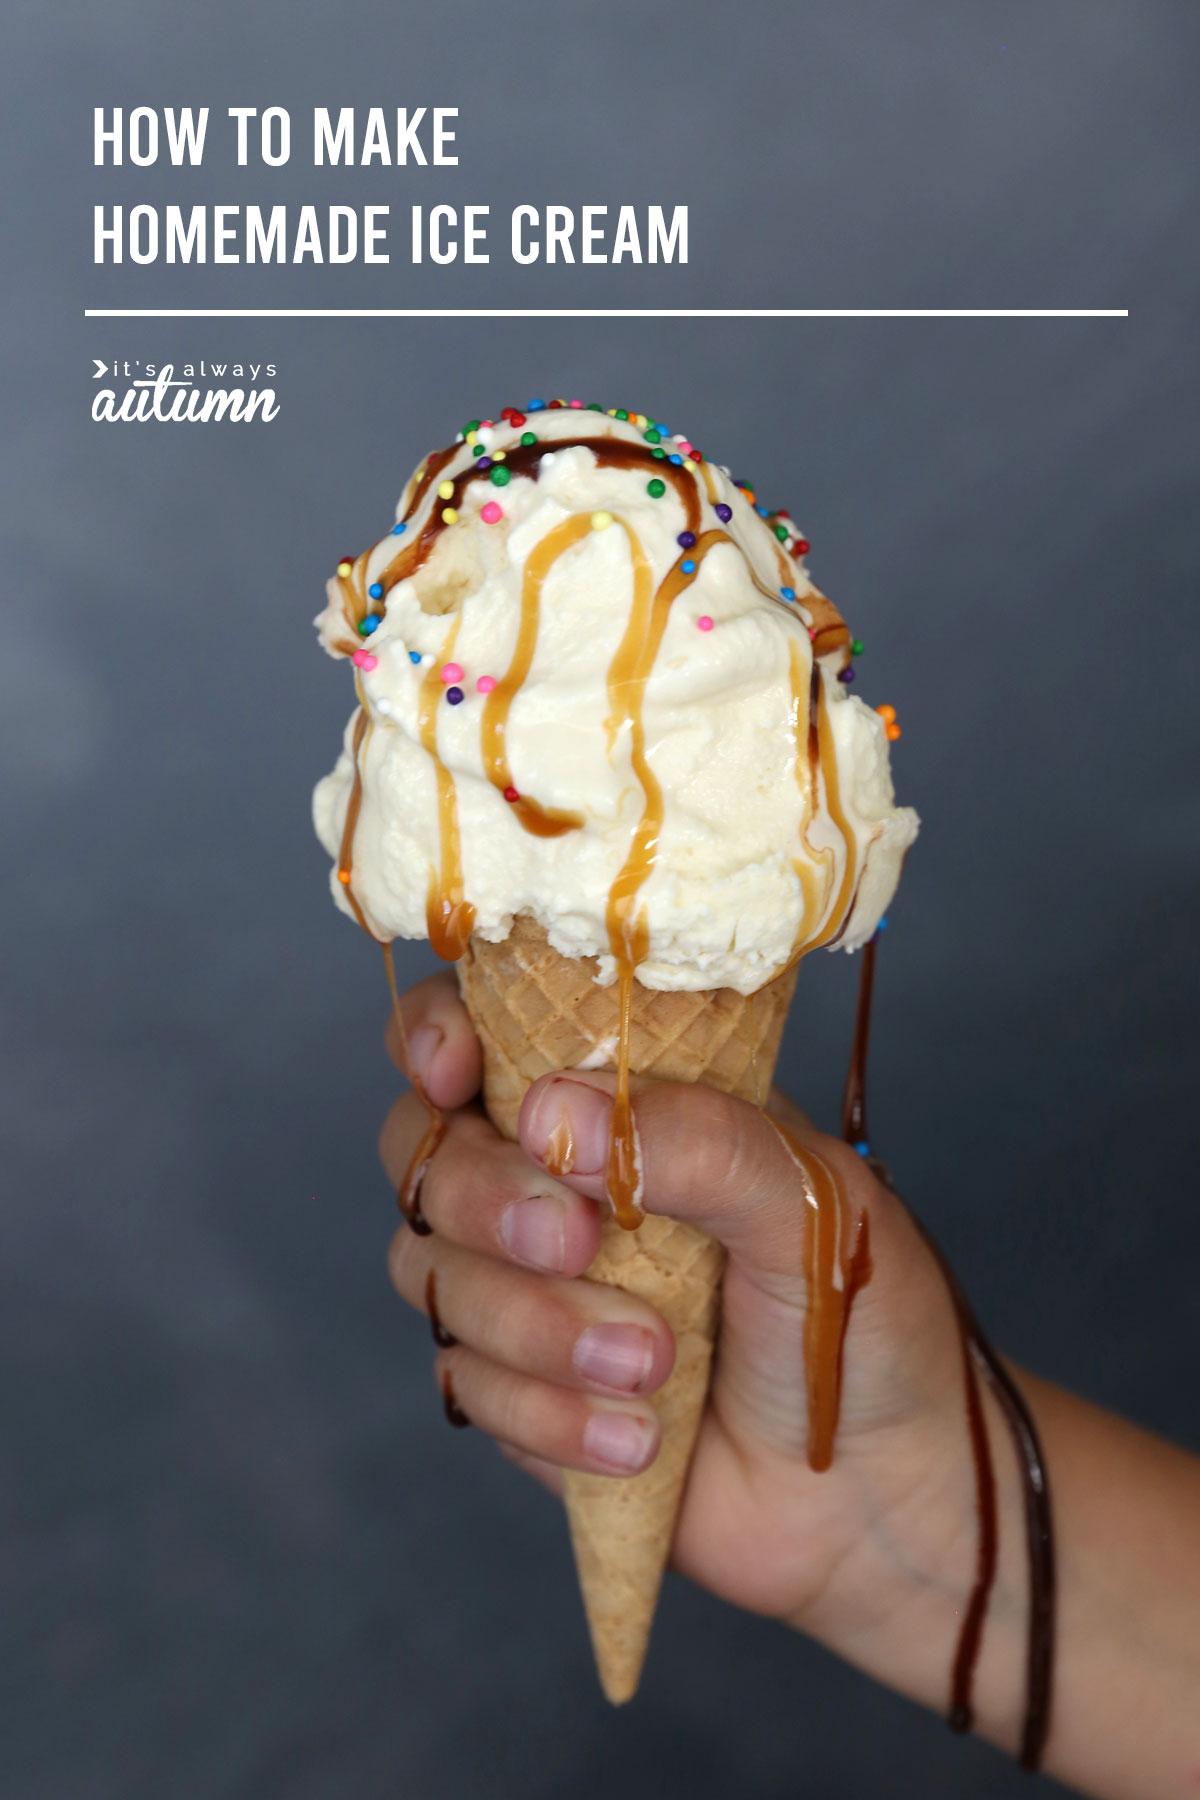 How to make amazing homemade ice cream. The best vanilla ice cream recipe.